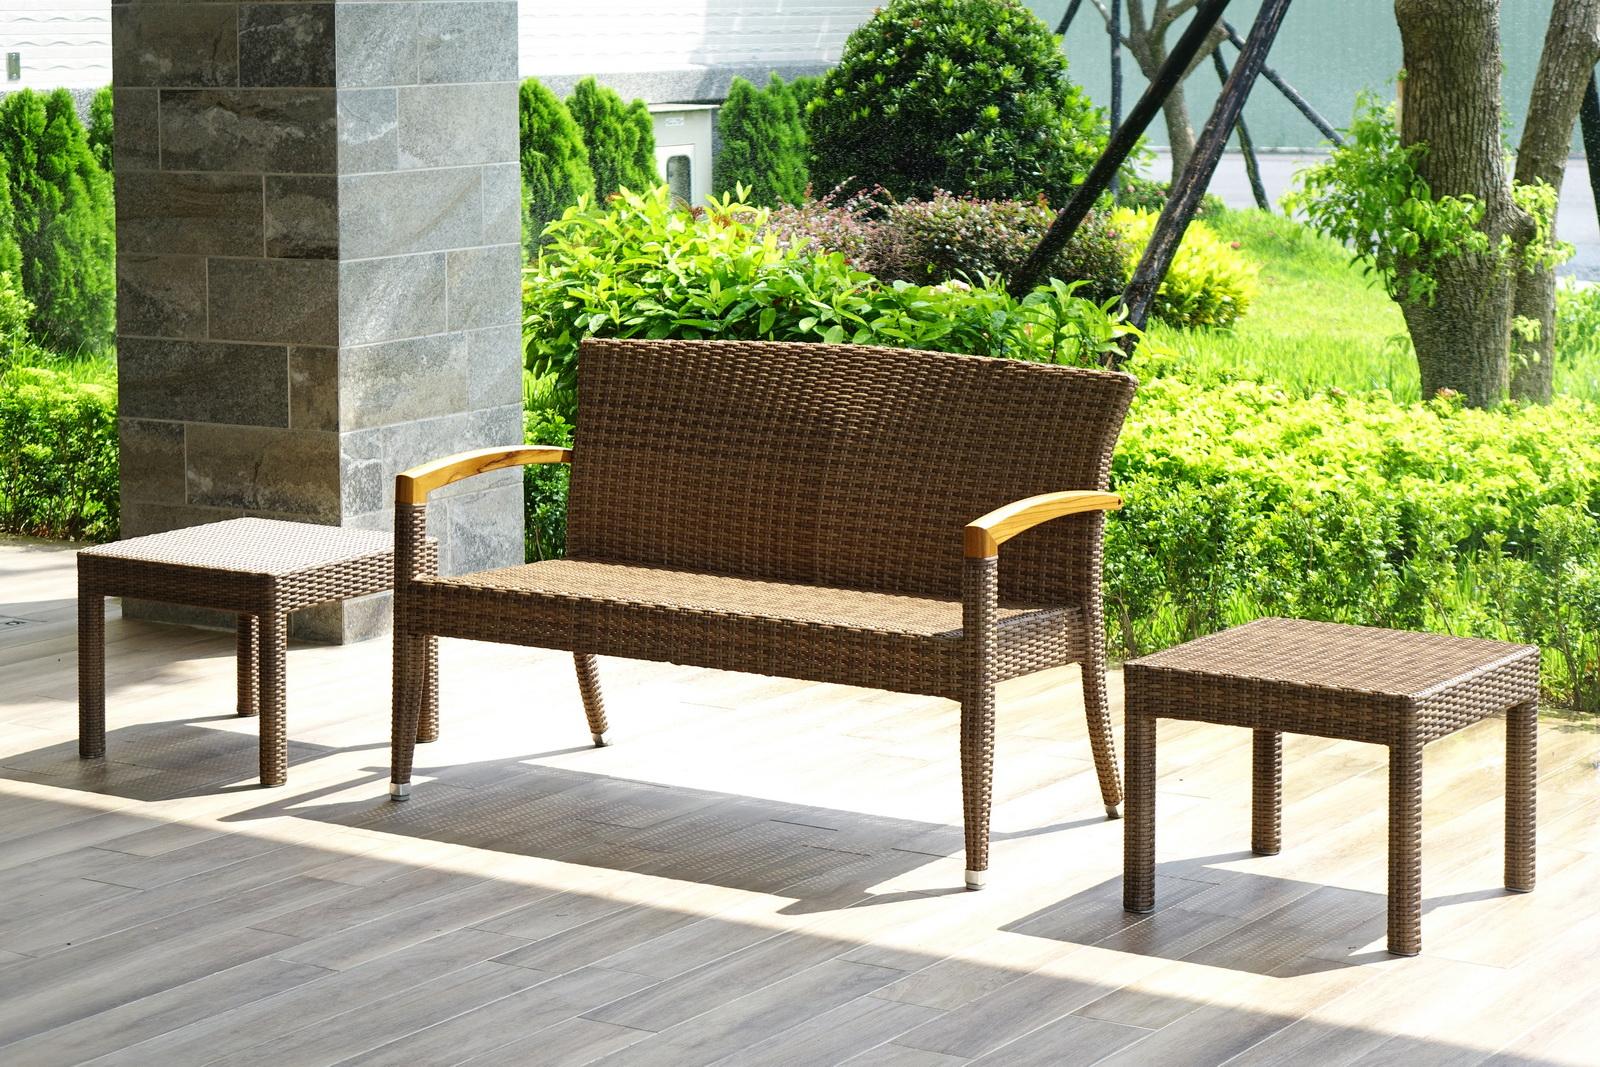 羅馬系列休閒長椅+四腳桌